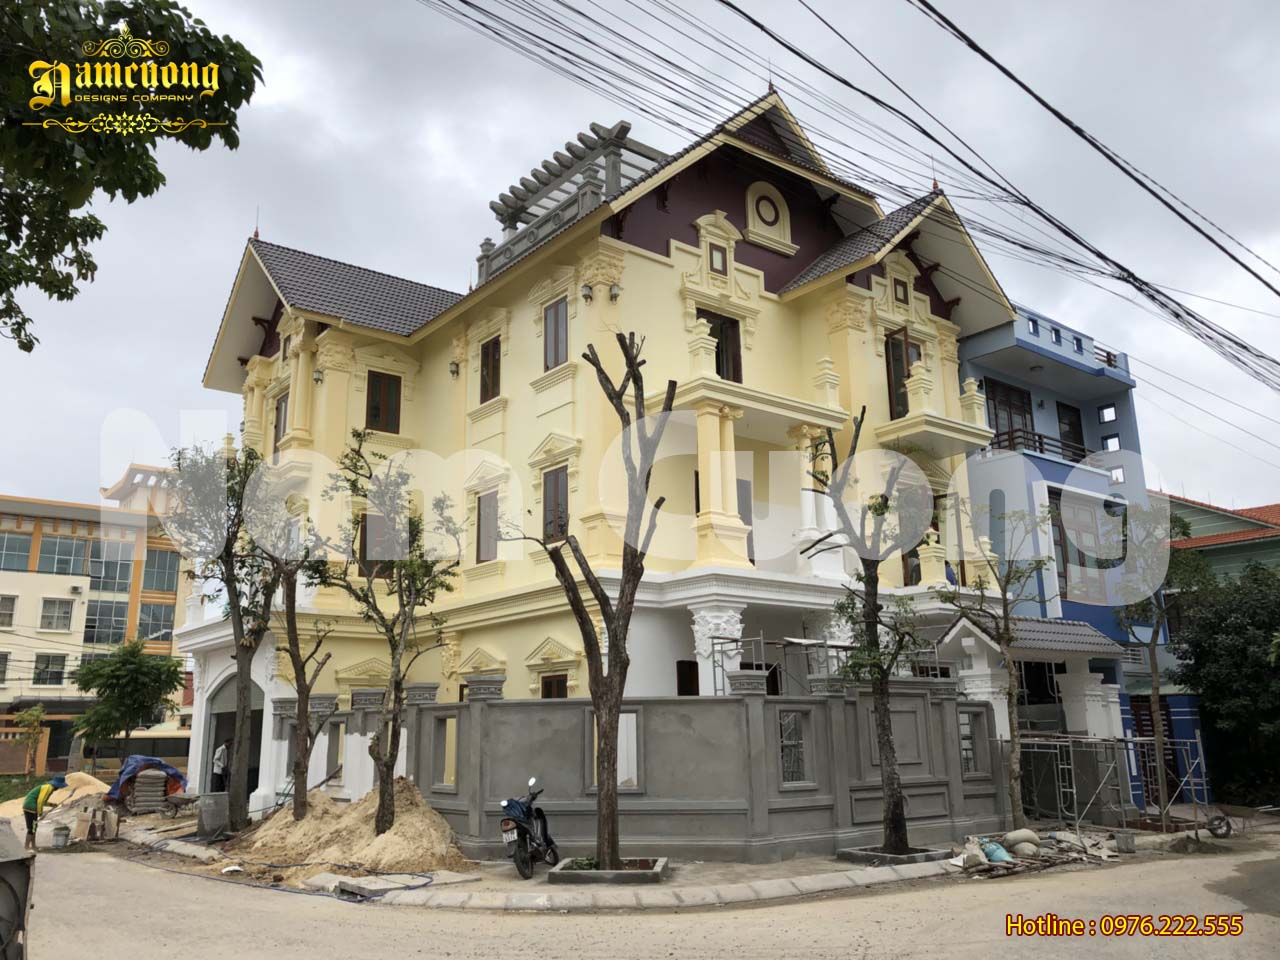 Thi công kiến trúc biệt thự tân cổ điển 3 tầng tại Quảng Bình